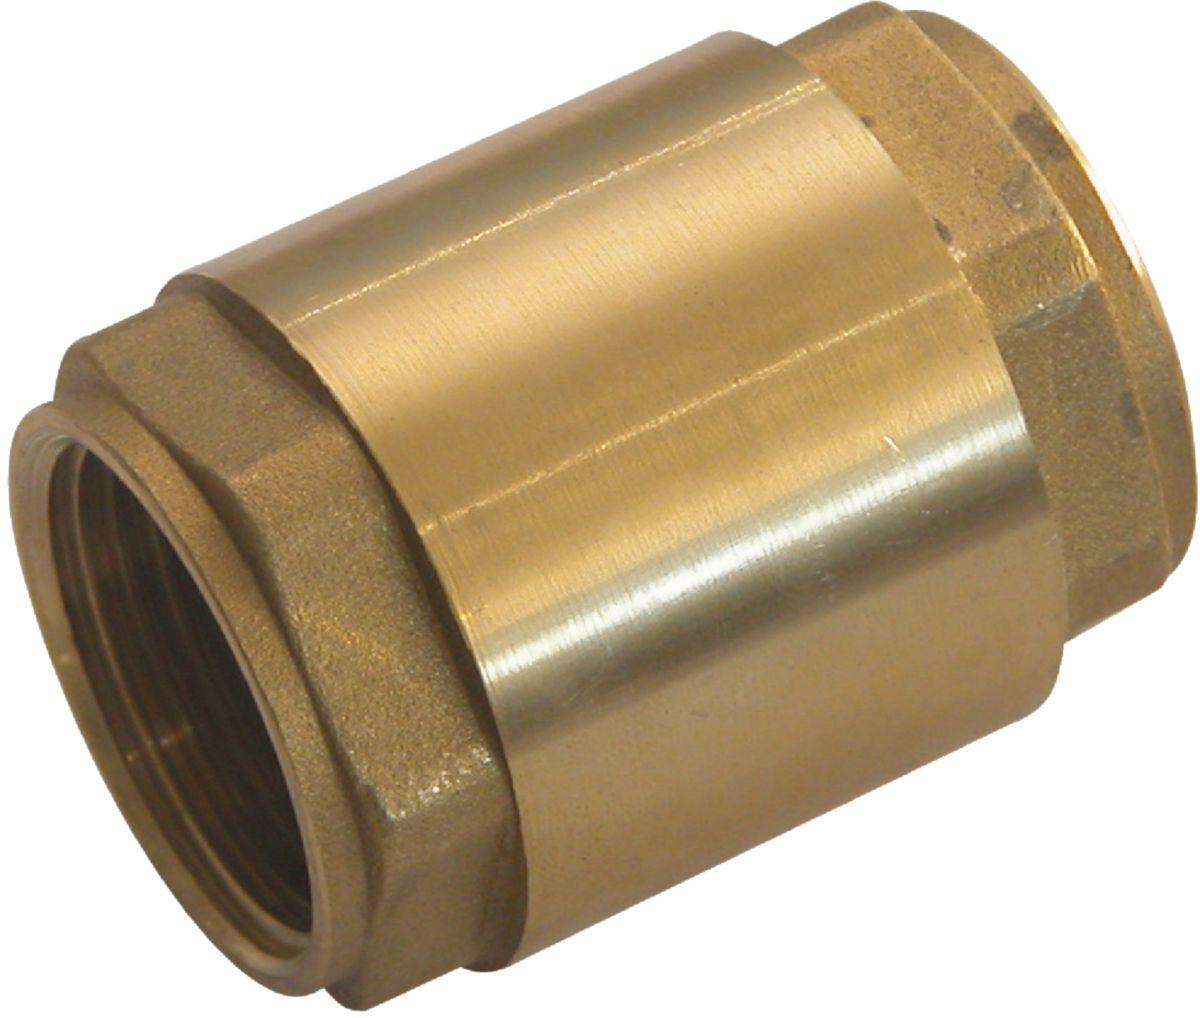 CW-3726C-V-146 6 morceaux premières Laiton Demi-cercle-Spacer 35x17.5mm